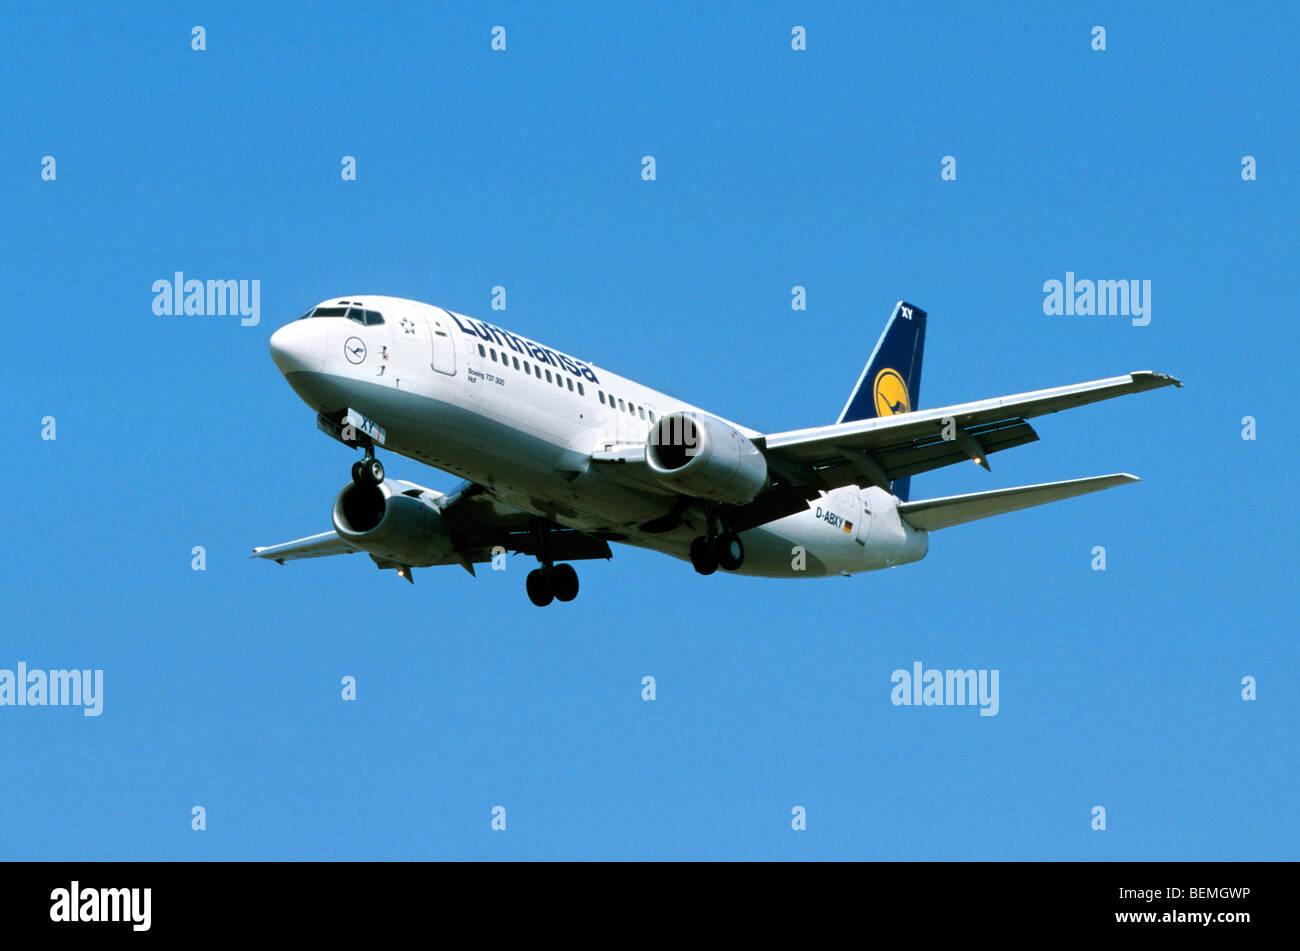 Volo aereo contro il cielo blu Immagini Stock